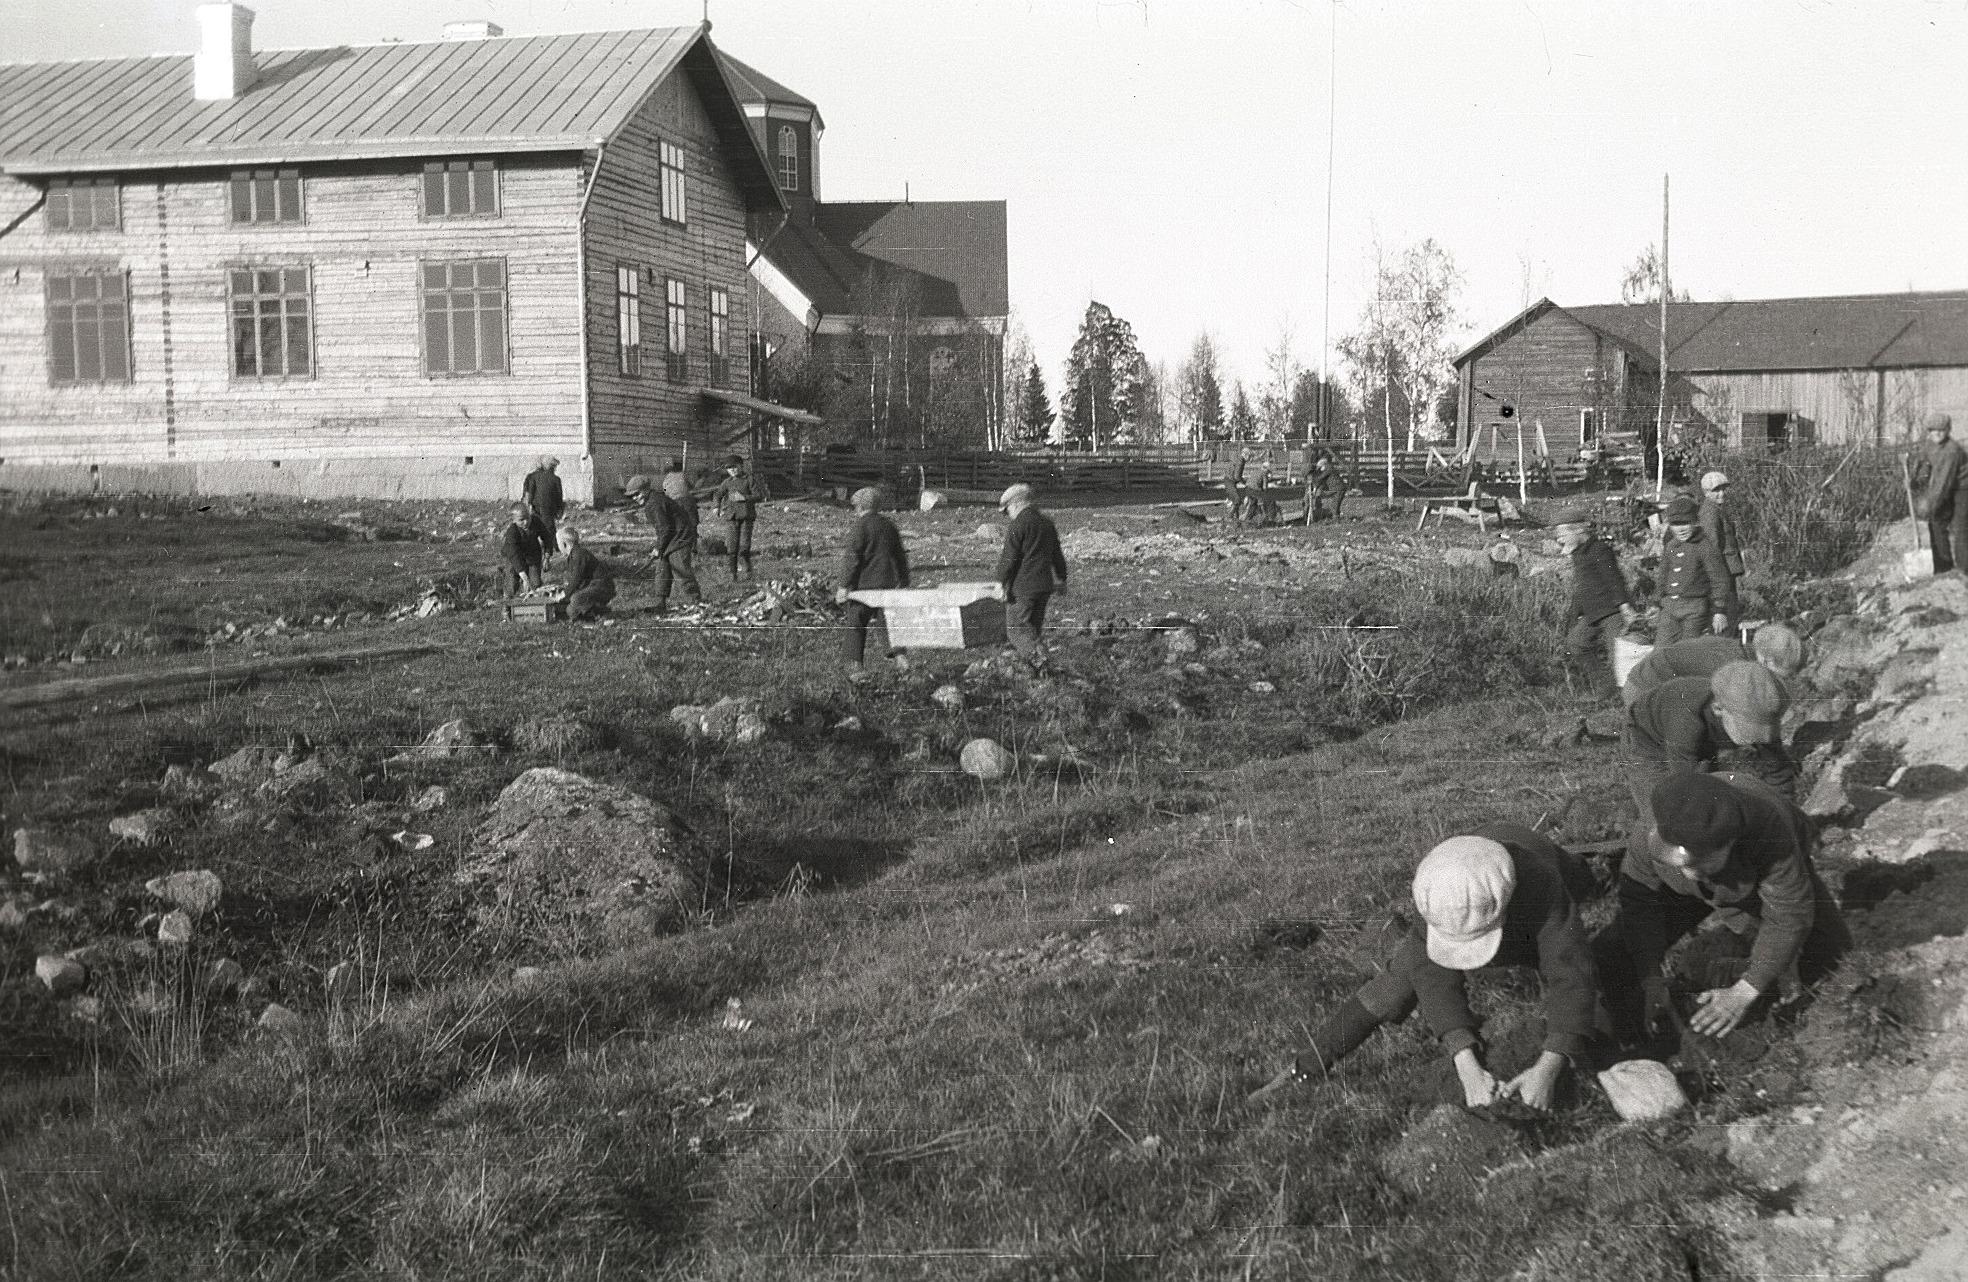 Skolan använde den egna, billiga arbetskraften för att förstora gårdsplanen vid utvidgningen av skolbyggnaden.